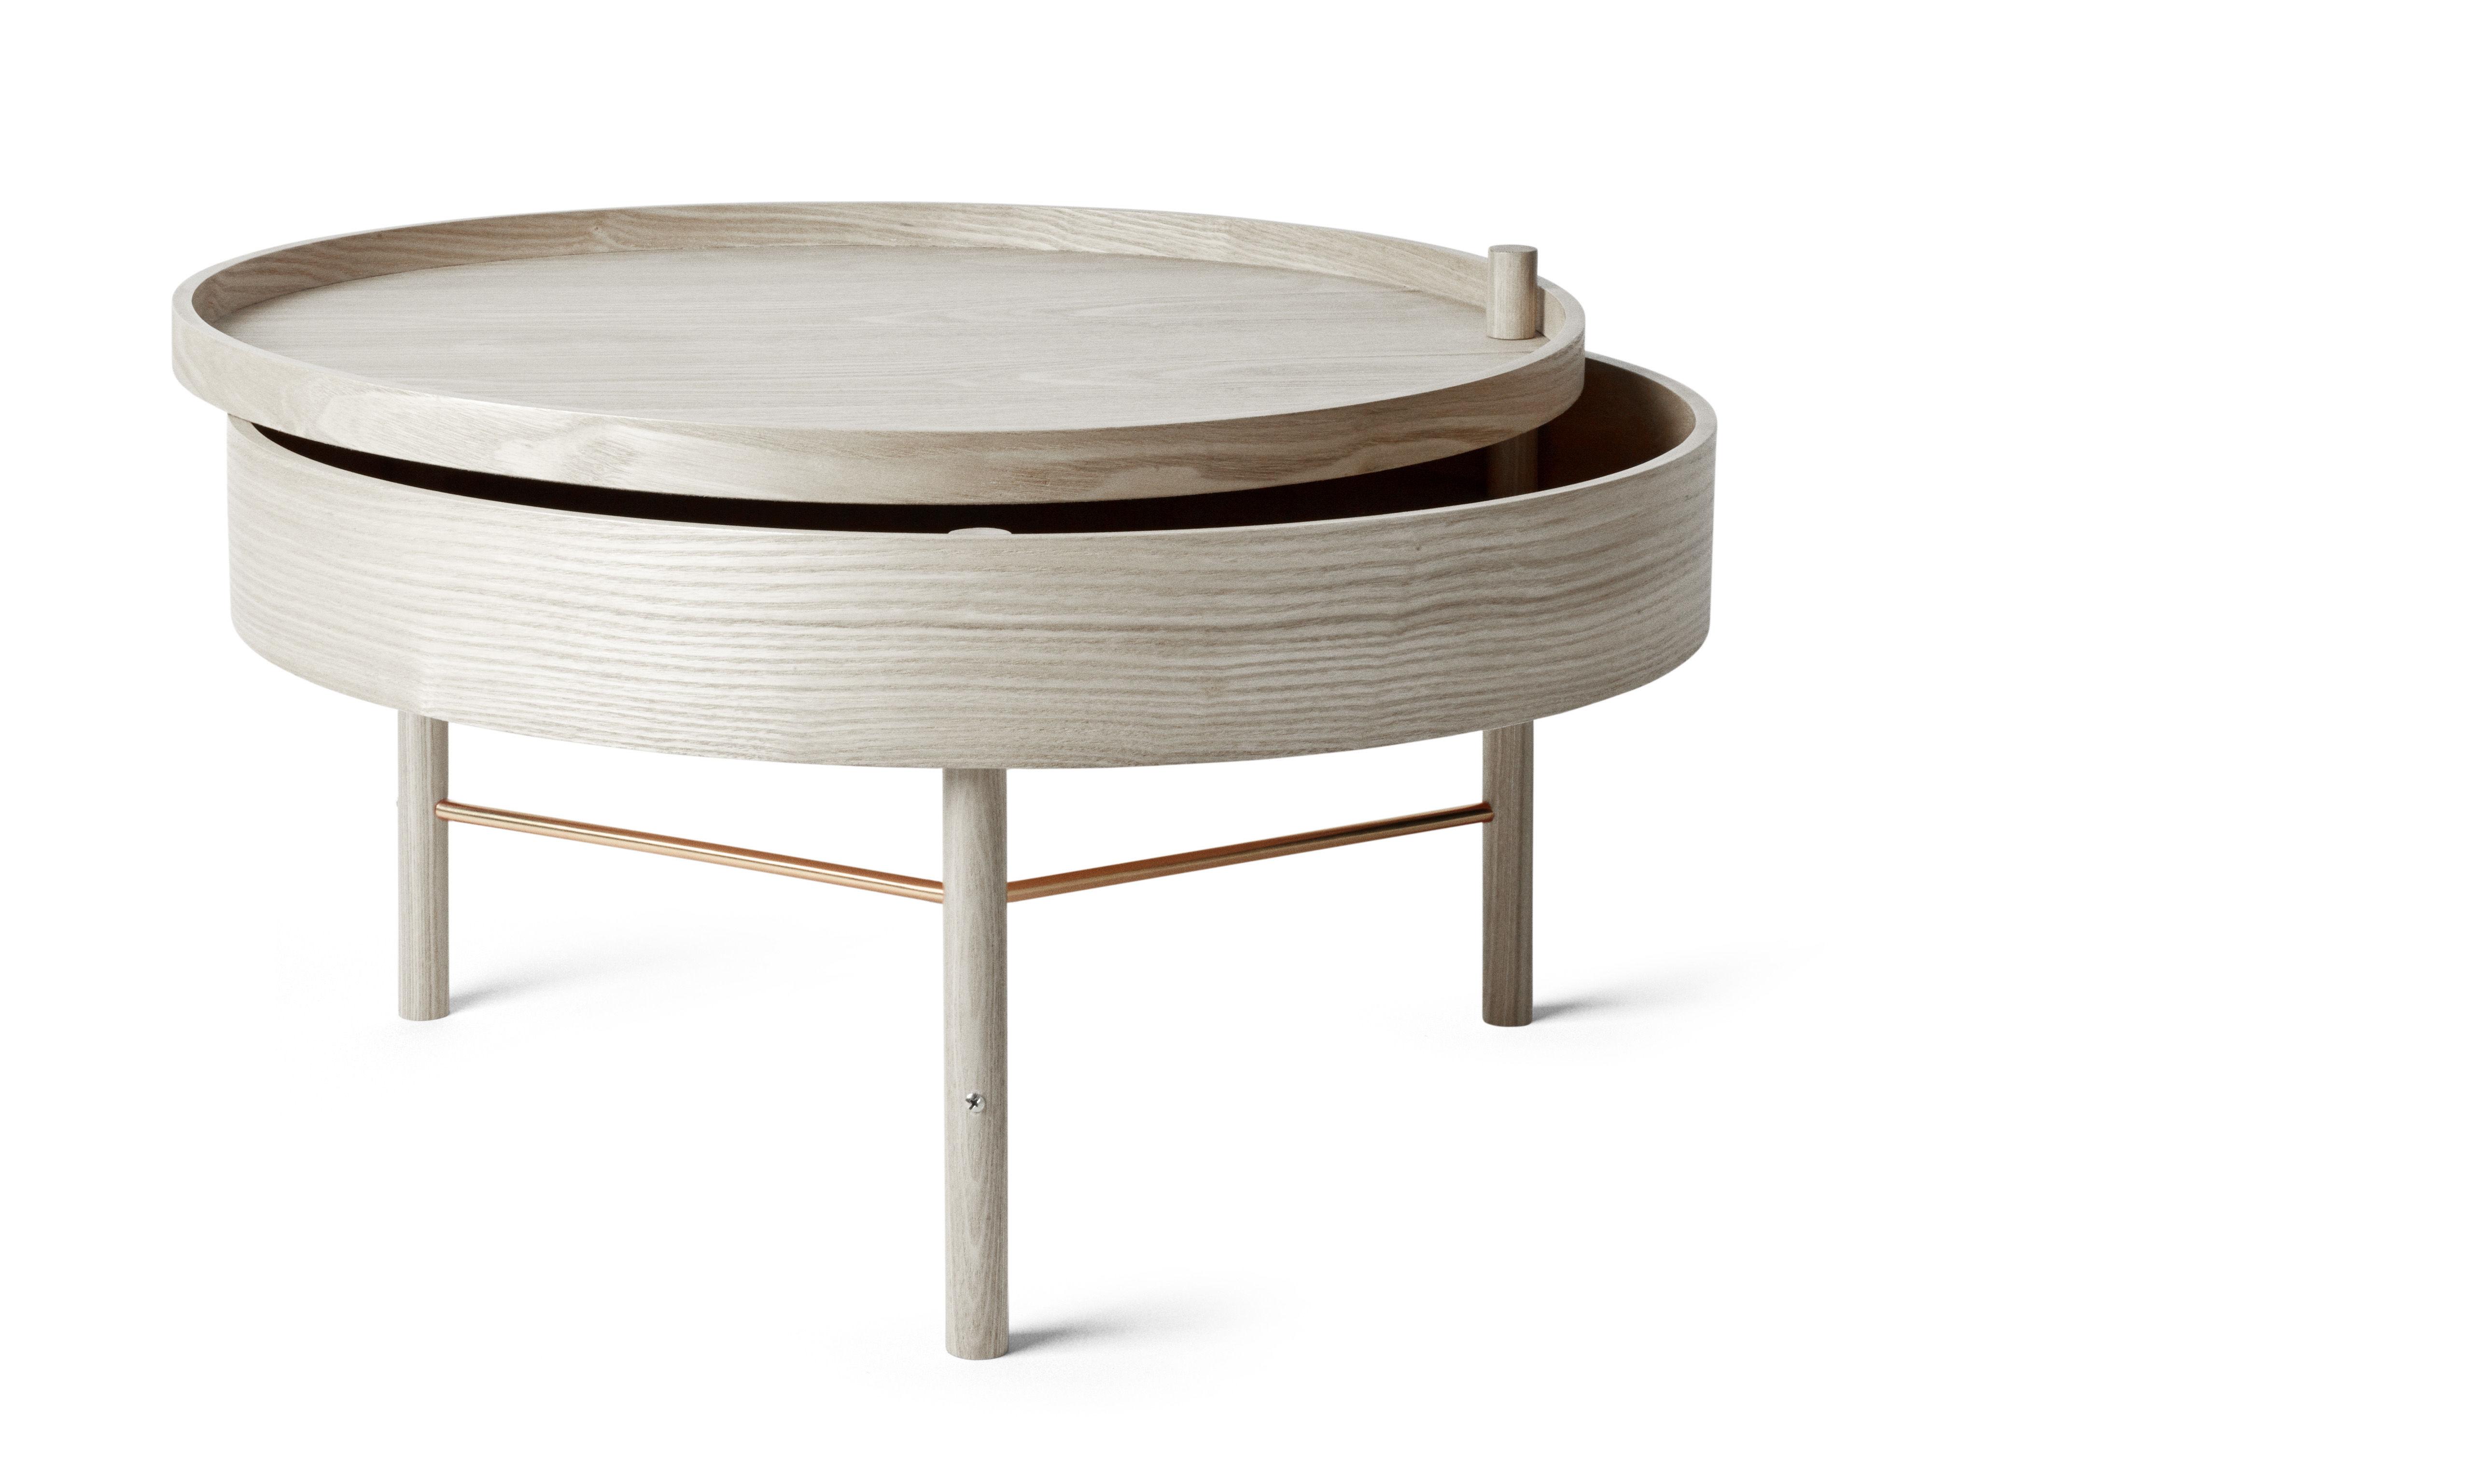 Необычный журнальный столик с современным дизайном, фото столика Turning Table